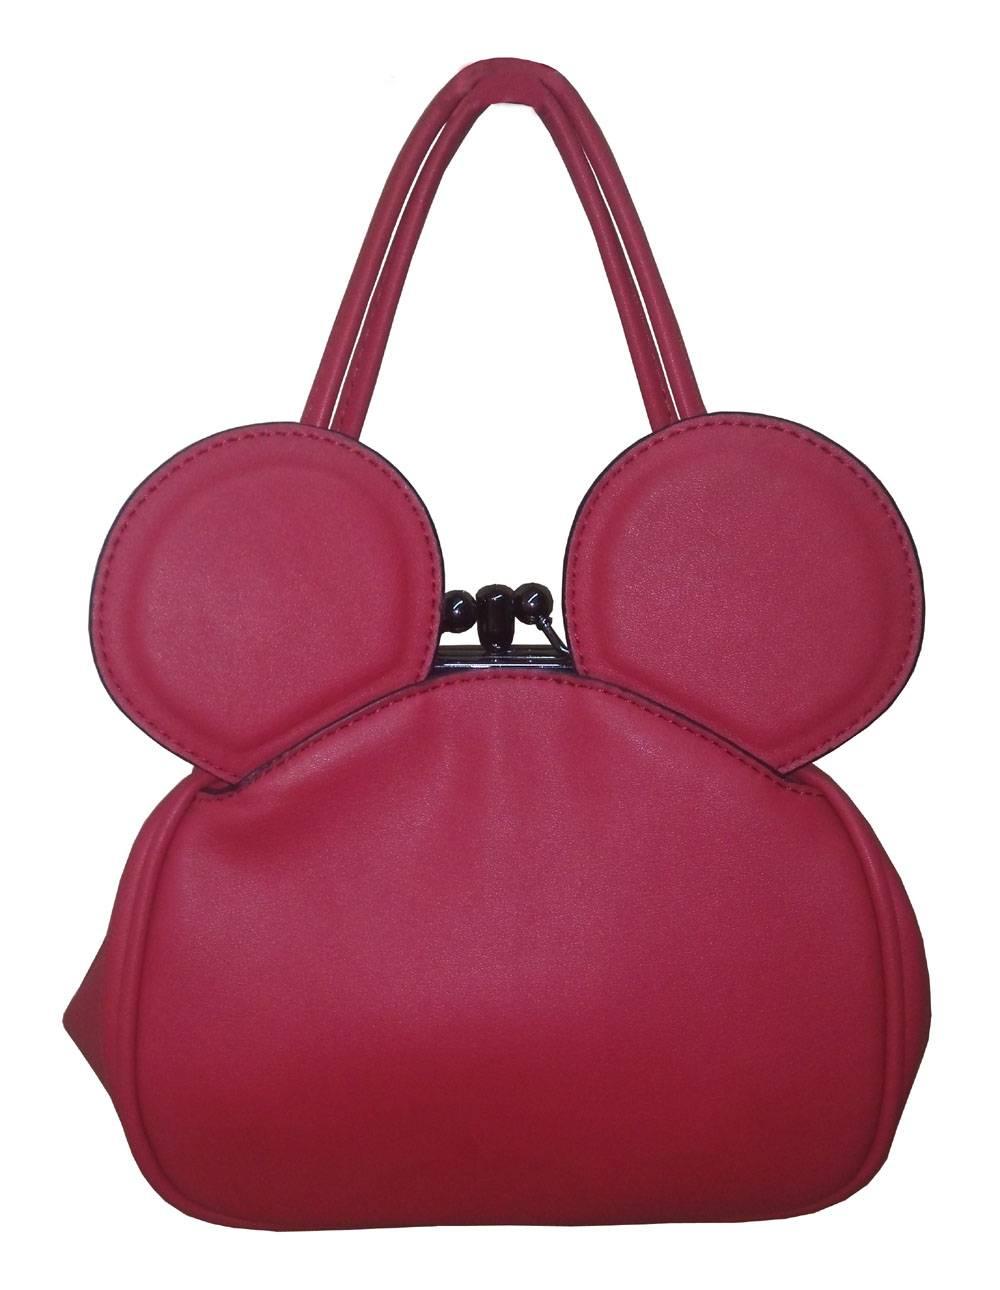 handbags-frame holder BQ1609026